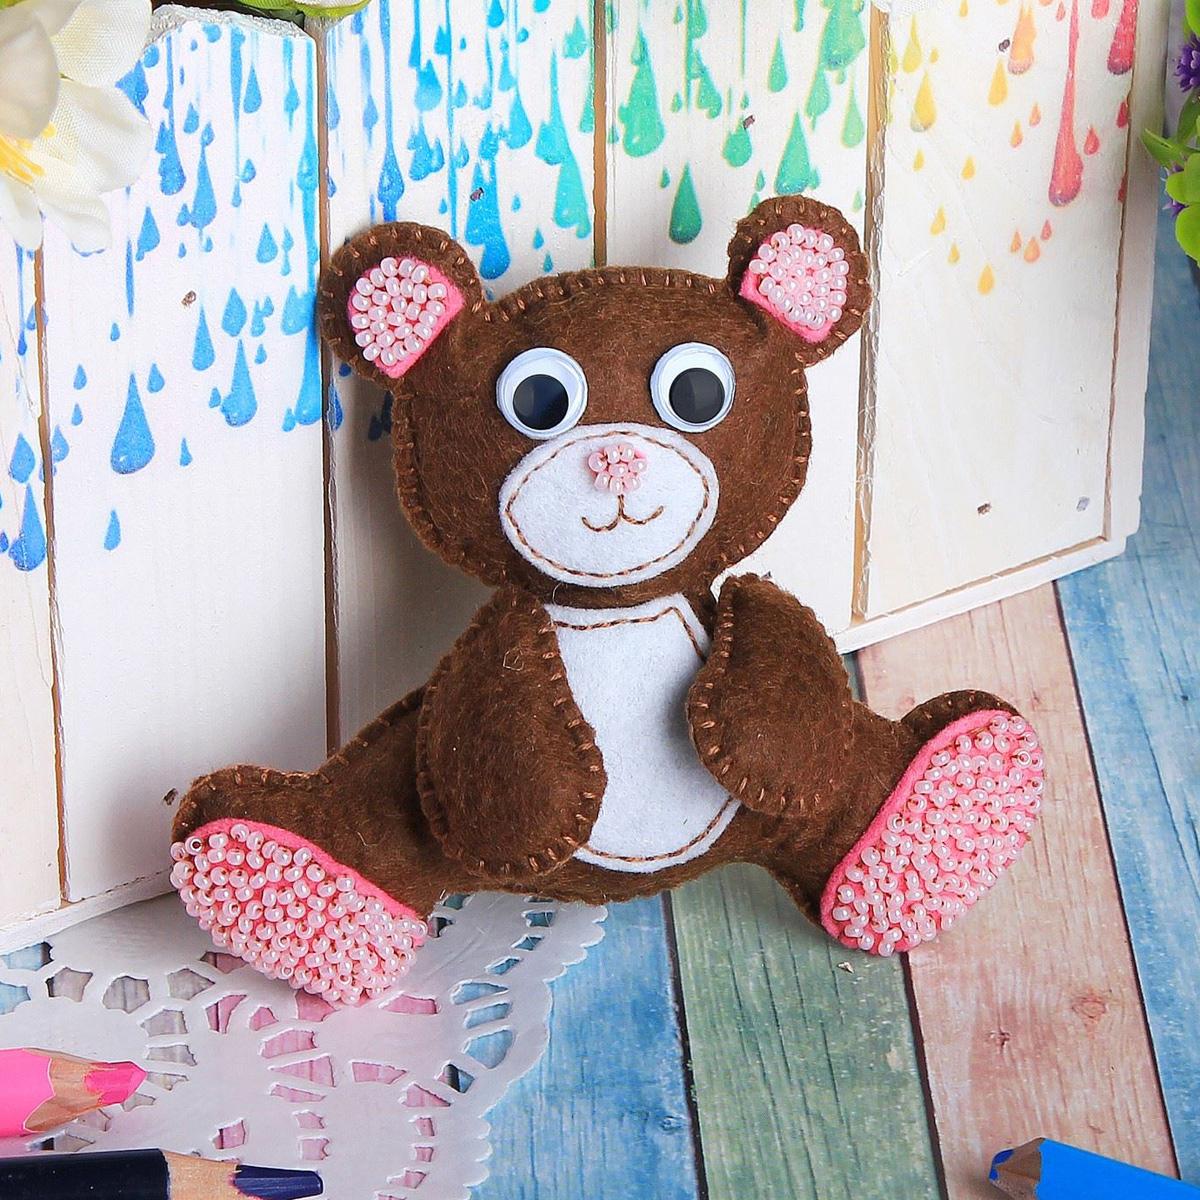 открытка медвежонок из фетра акцент, который достигается